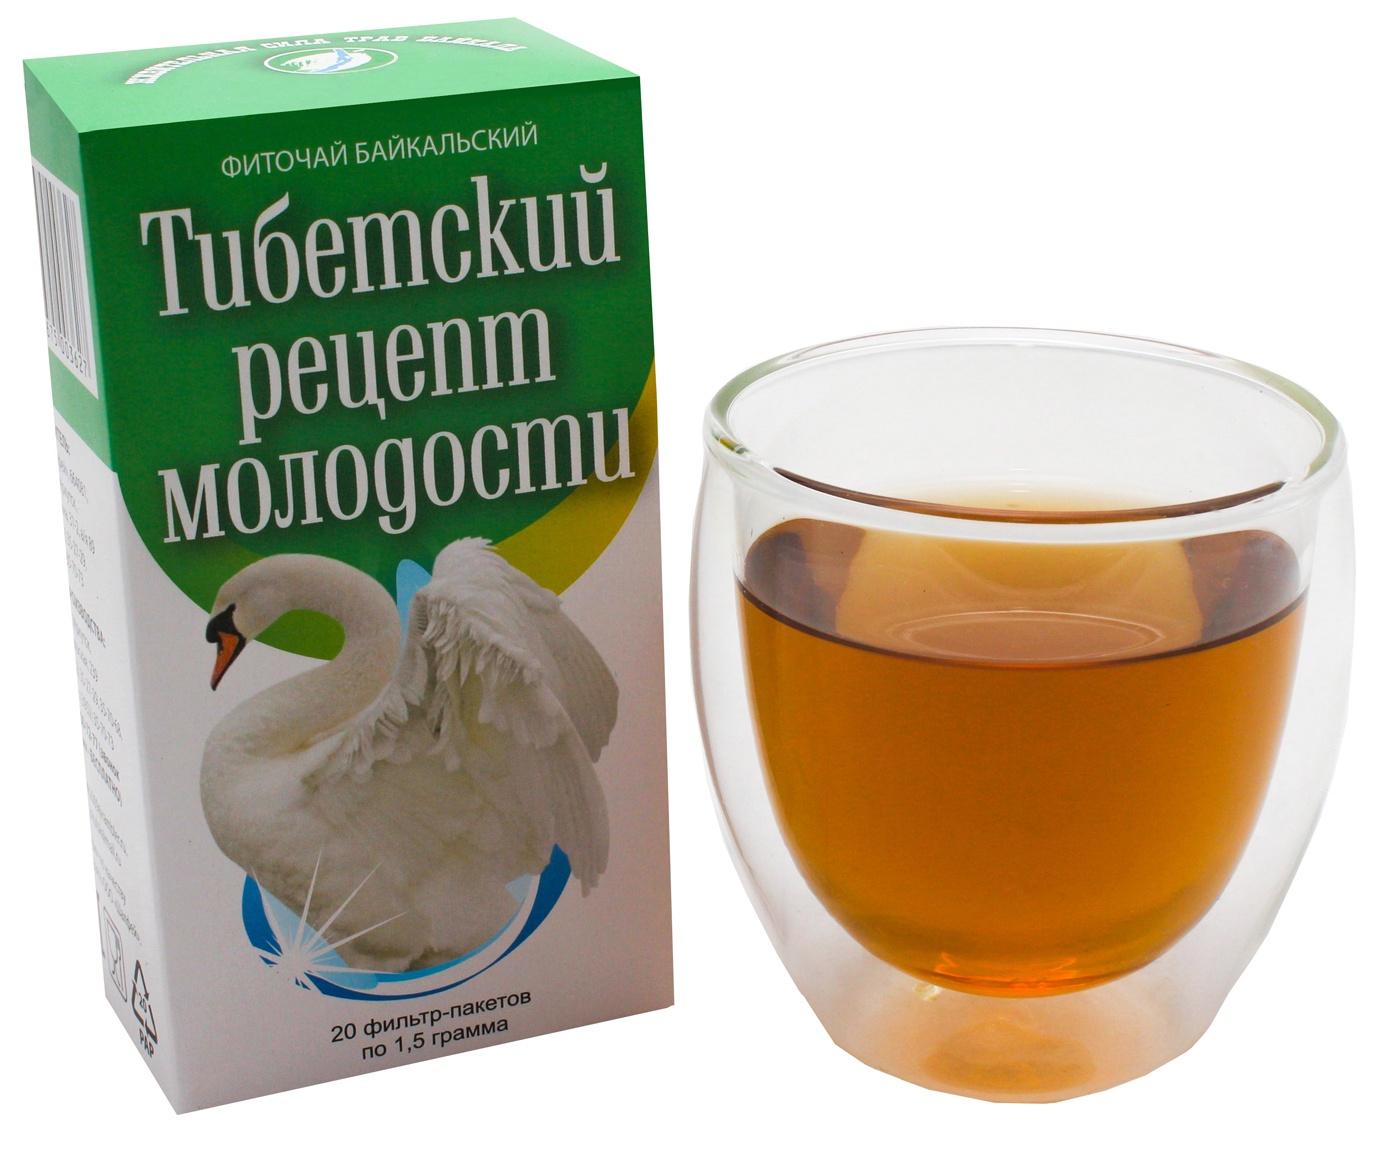 Чай в пакетиках Фиточаи Байкальские Тибетский Рецепт Молодости омолаживающий, 20 шт по 1.5 г медицина шум в голове